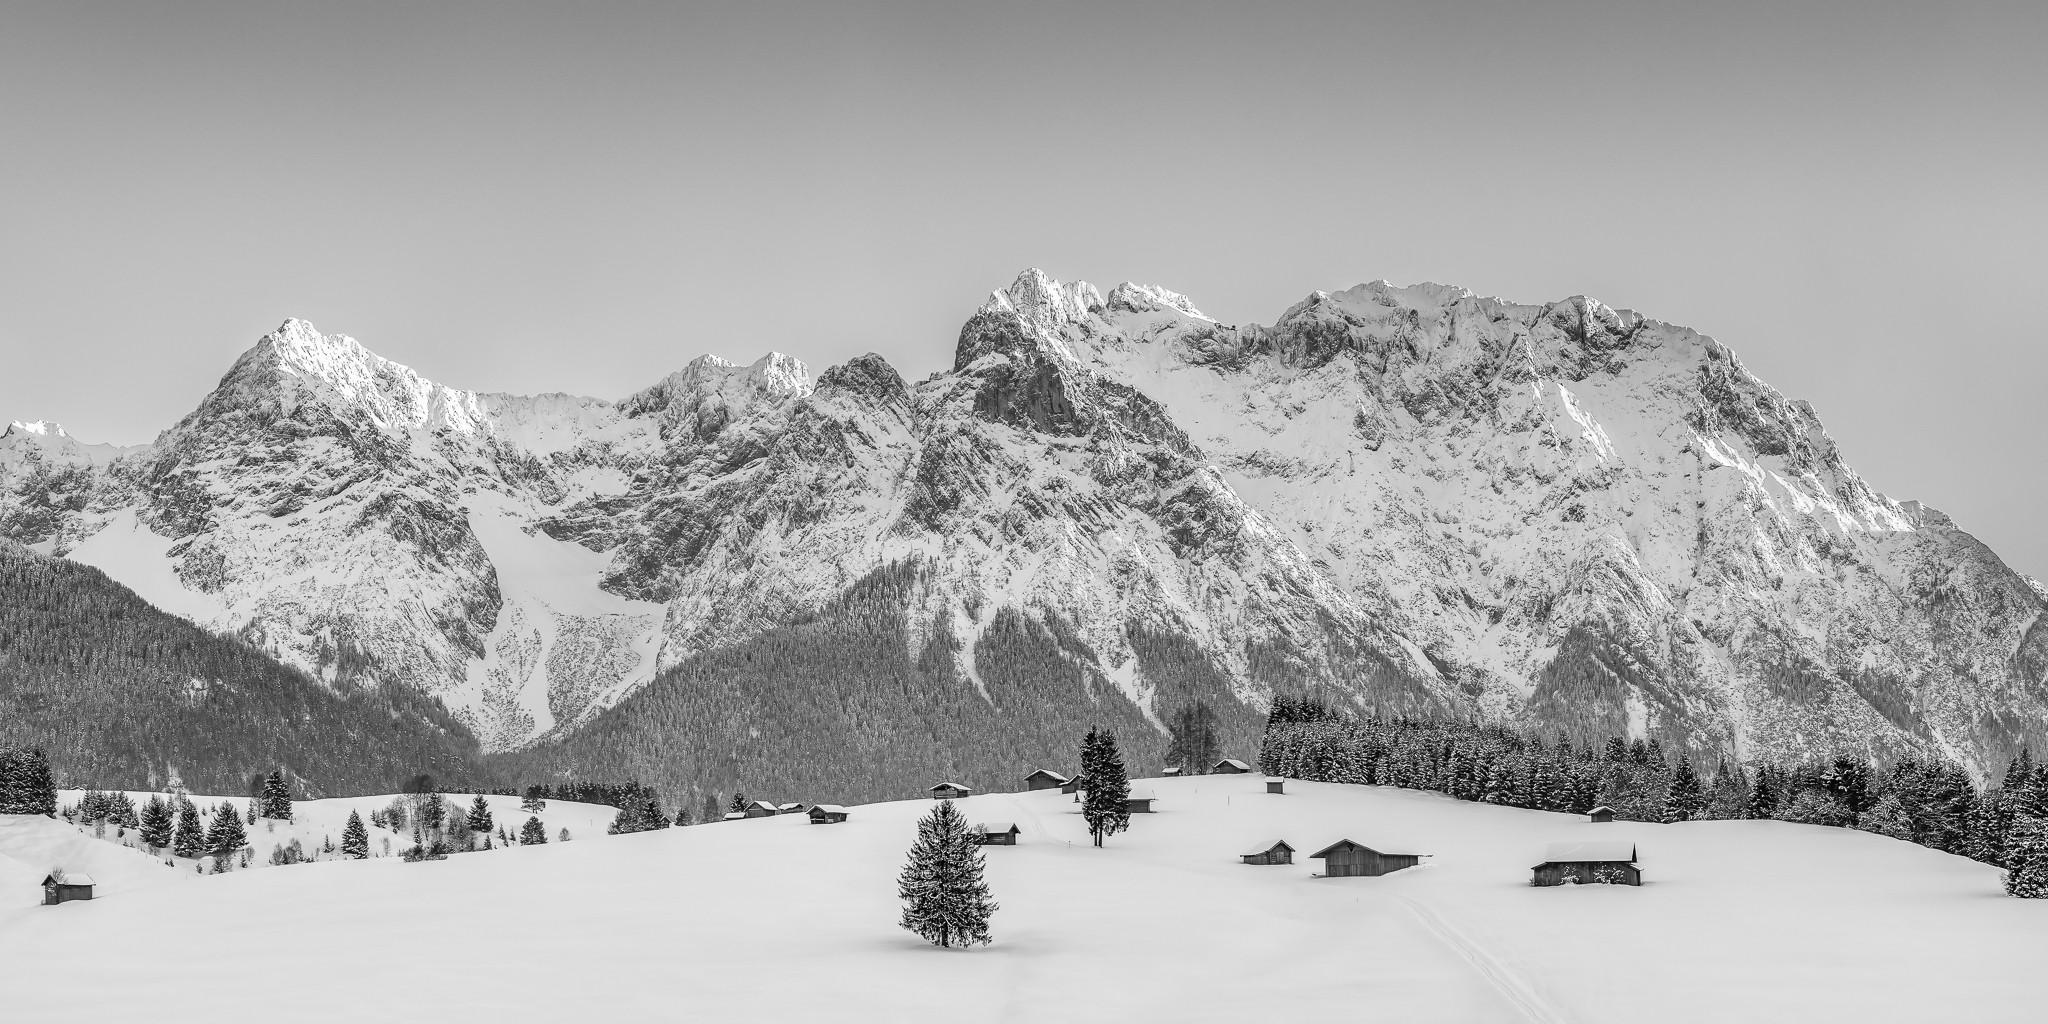 Karwendel - Buckelwiesen im Winter - schwarz weiß mit verschneiten Stadel